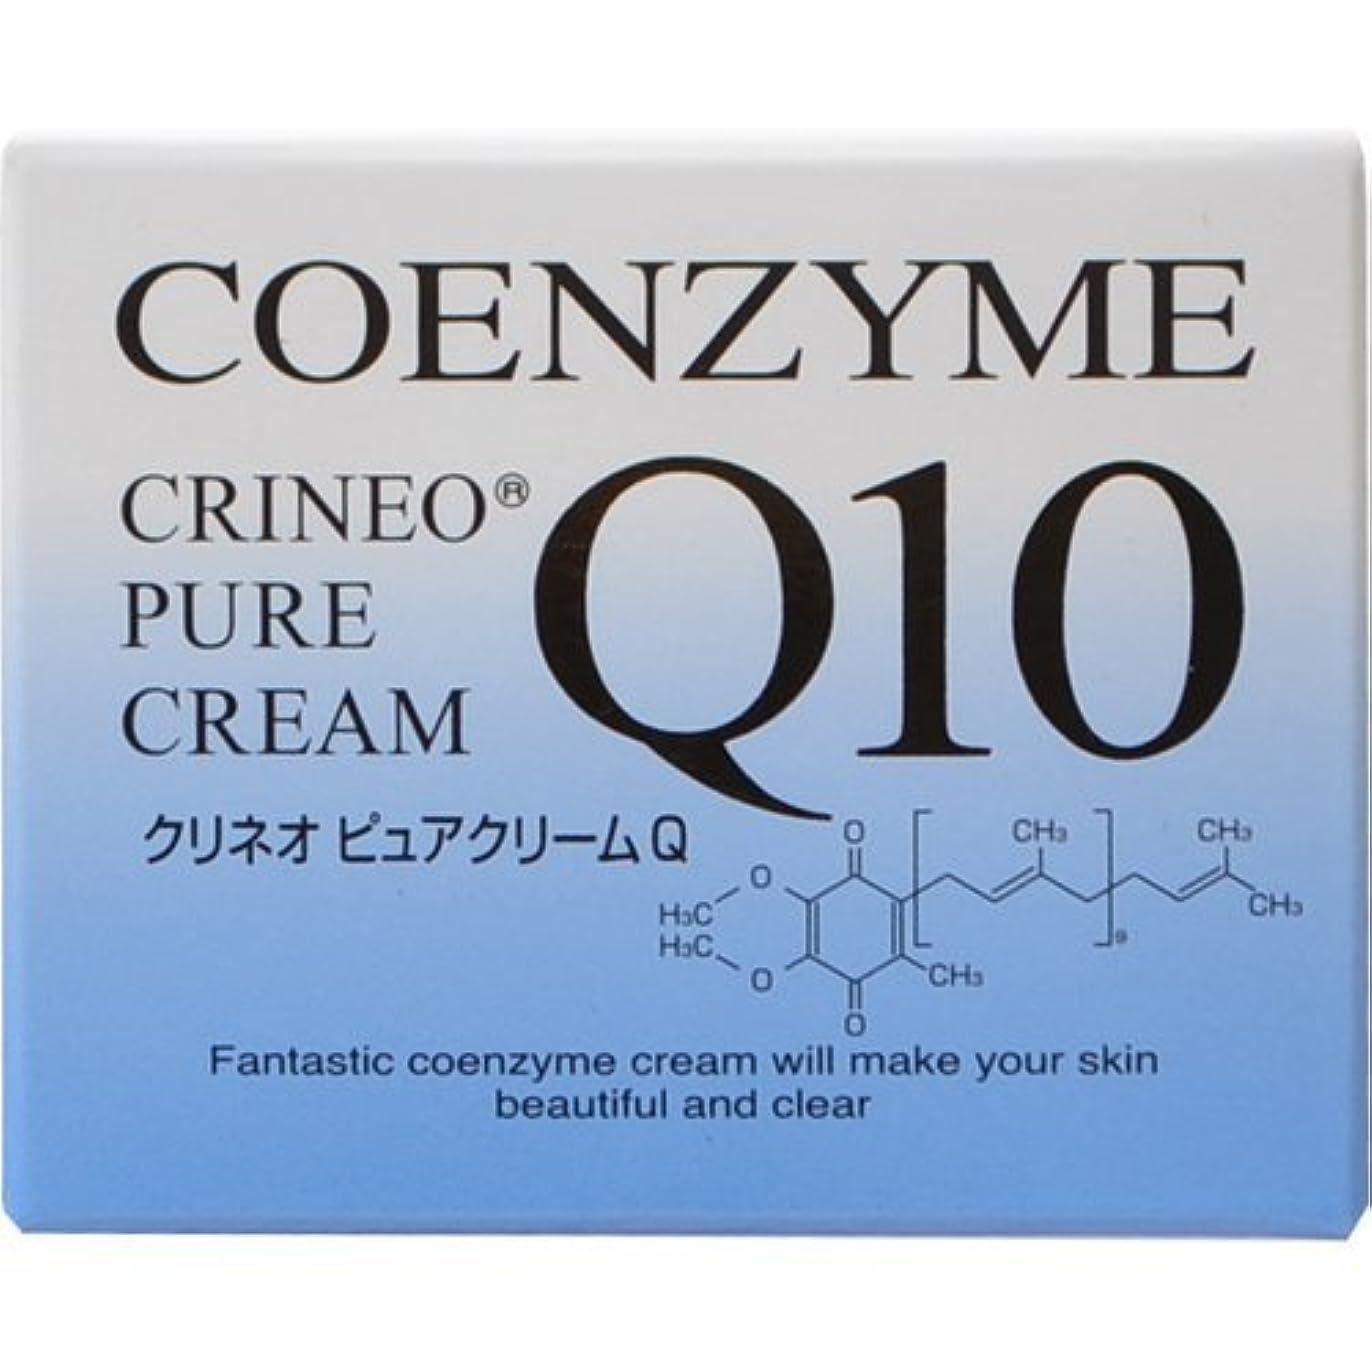 大胆不敵はがき分子クリネオ ピュアクリームQ コエンザイムQ10を配合した浸透型の保湿クリーム